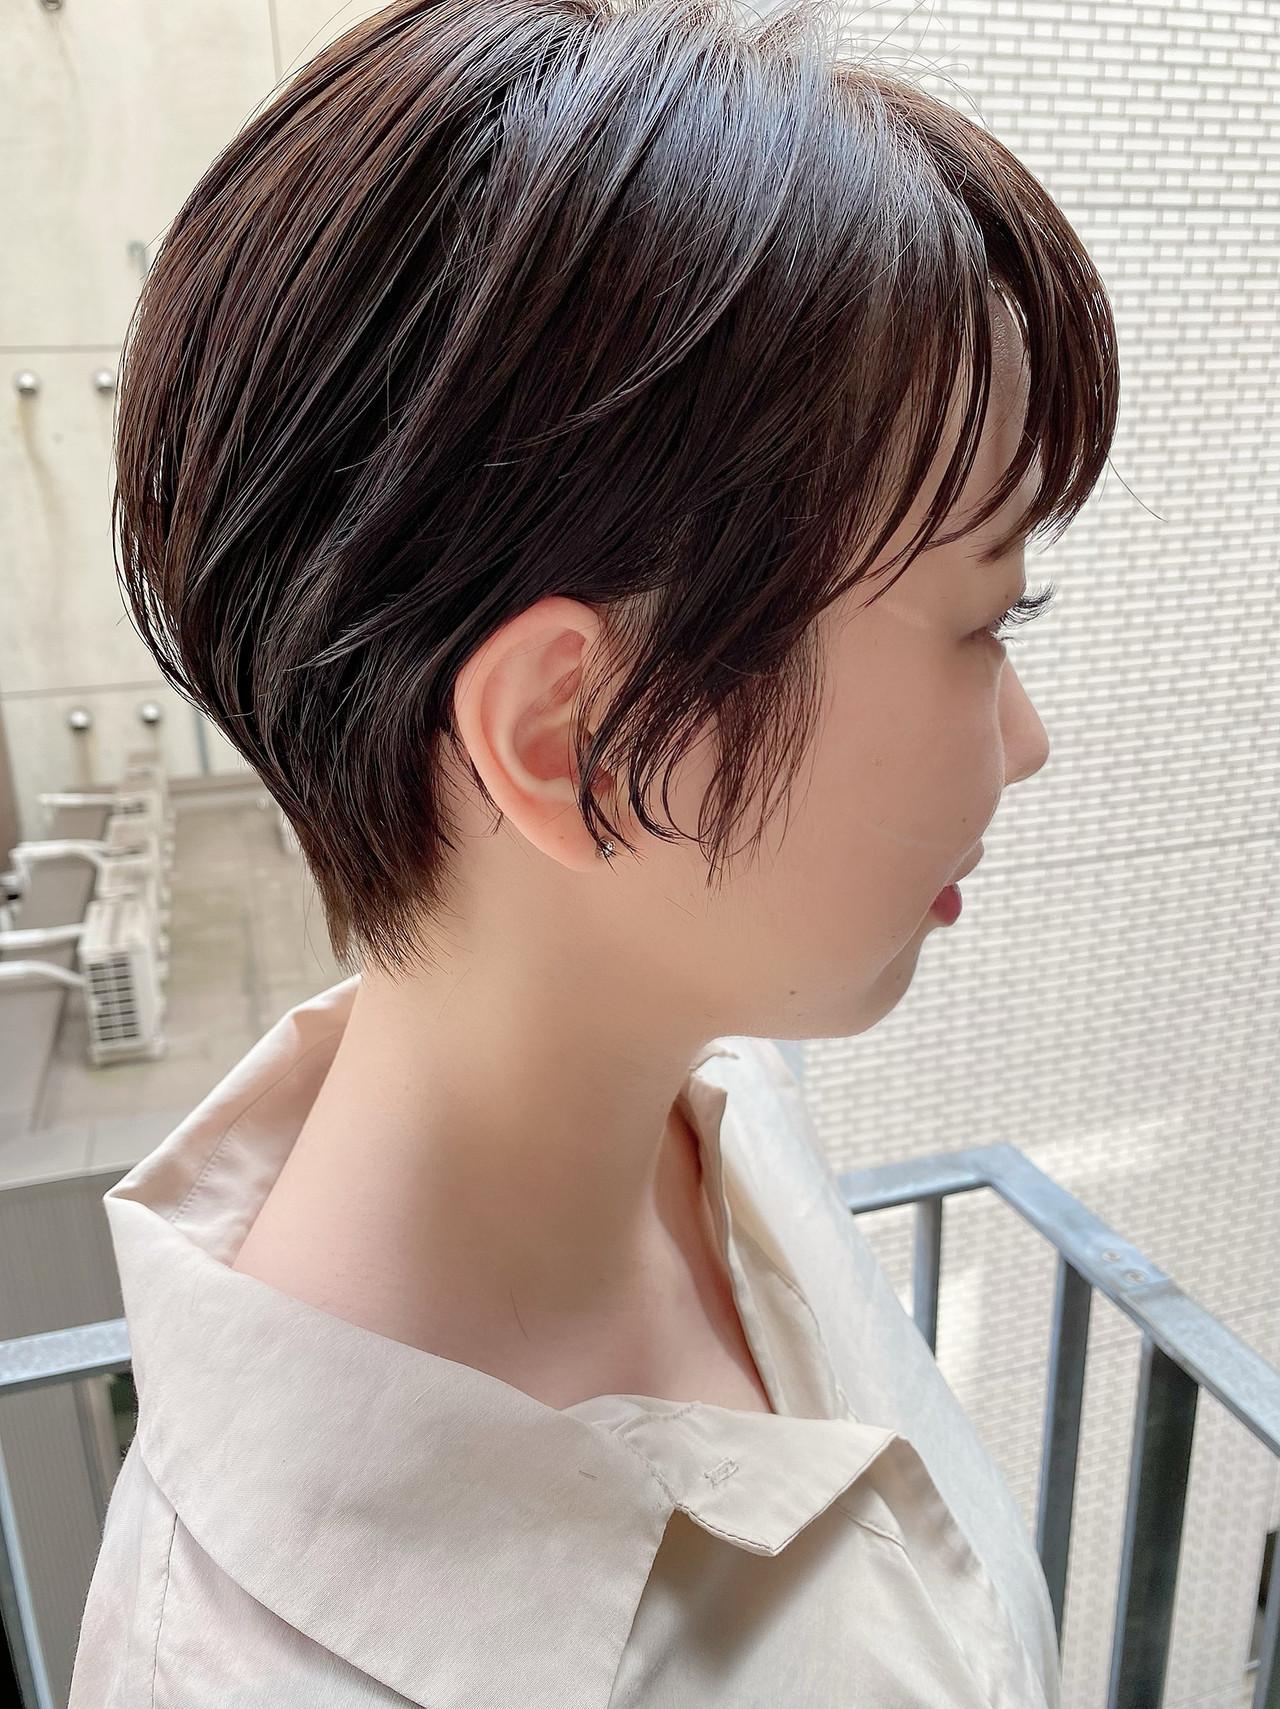 デート ショート ショートヘア ベリーショート ヘアスタイルや髪型の写真・画像